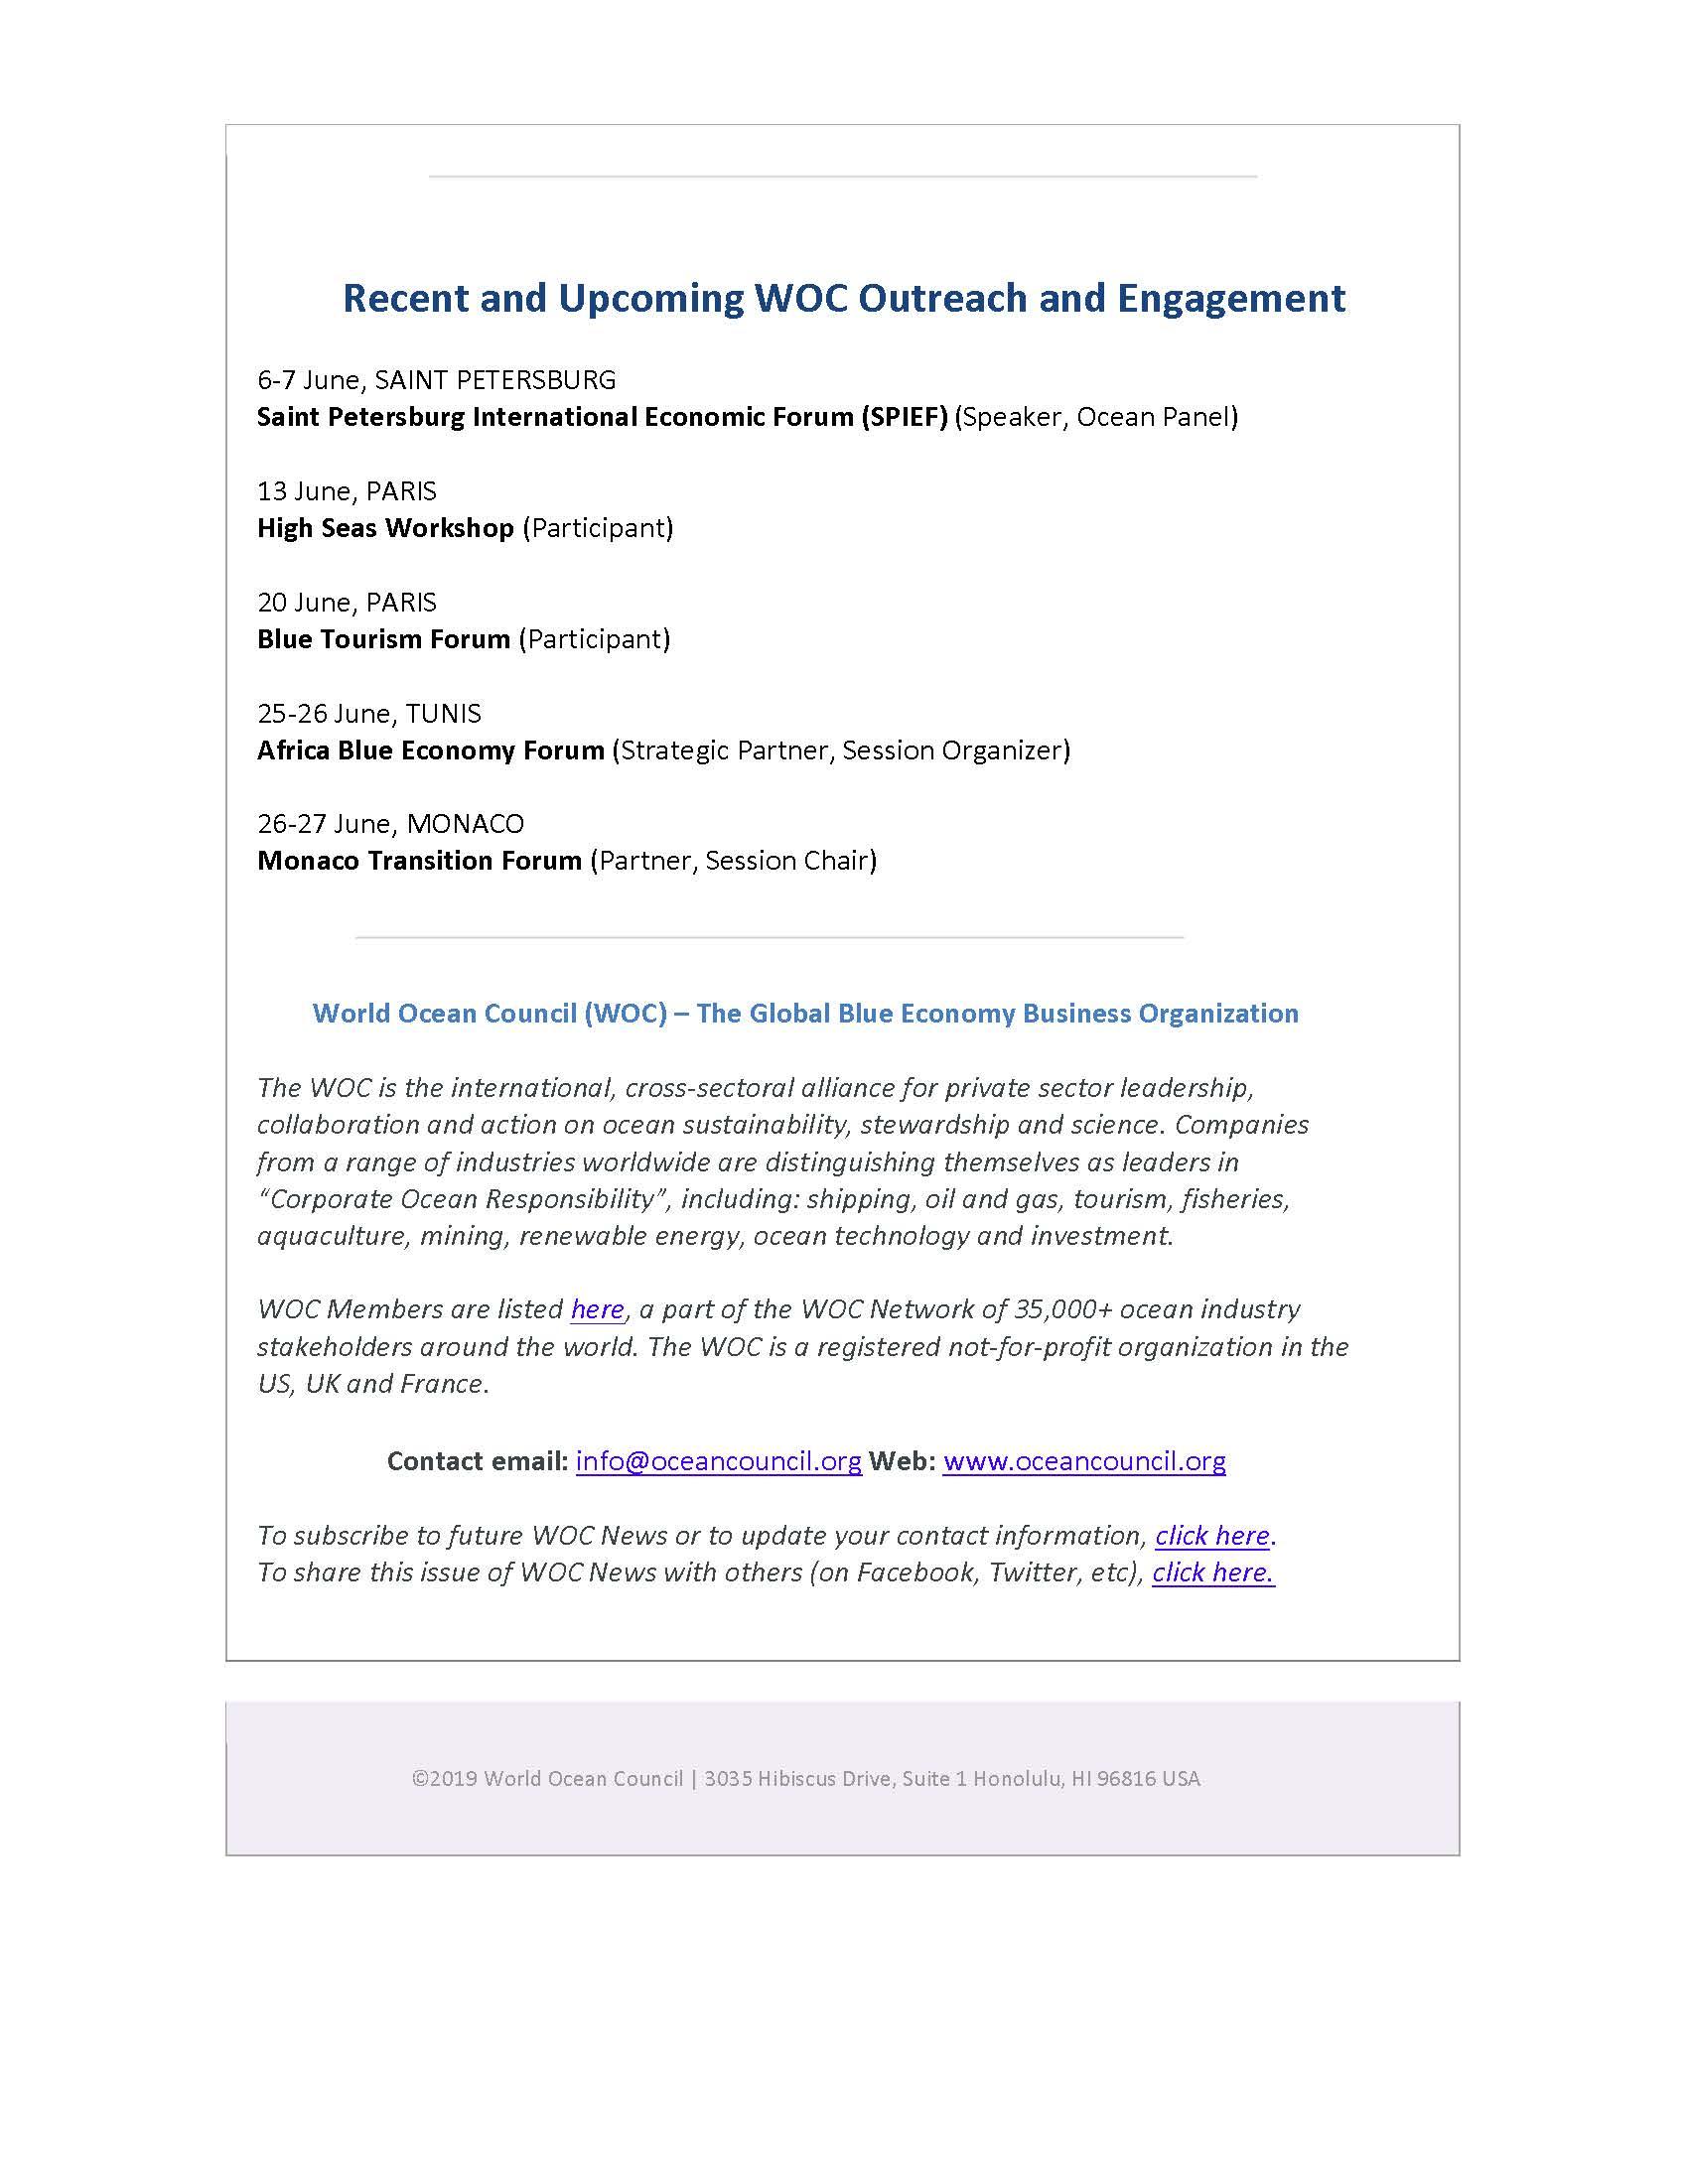 ECOncrete Joins World Ocean Council (WOC) - 8 June 2019